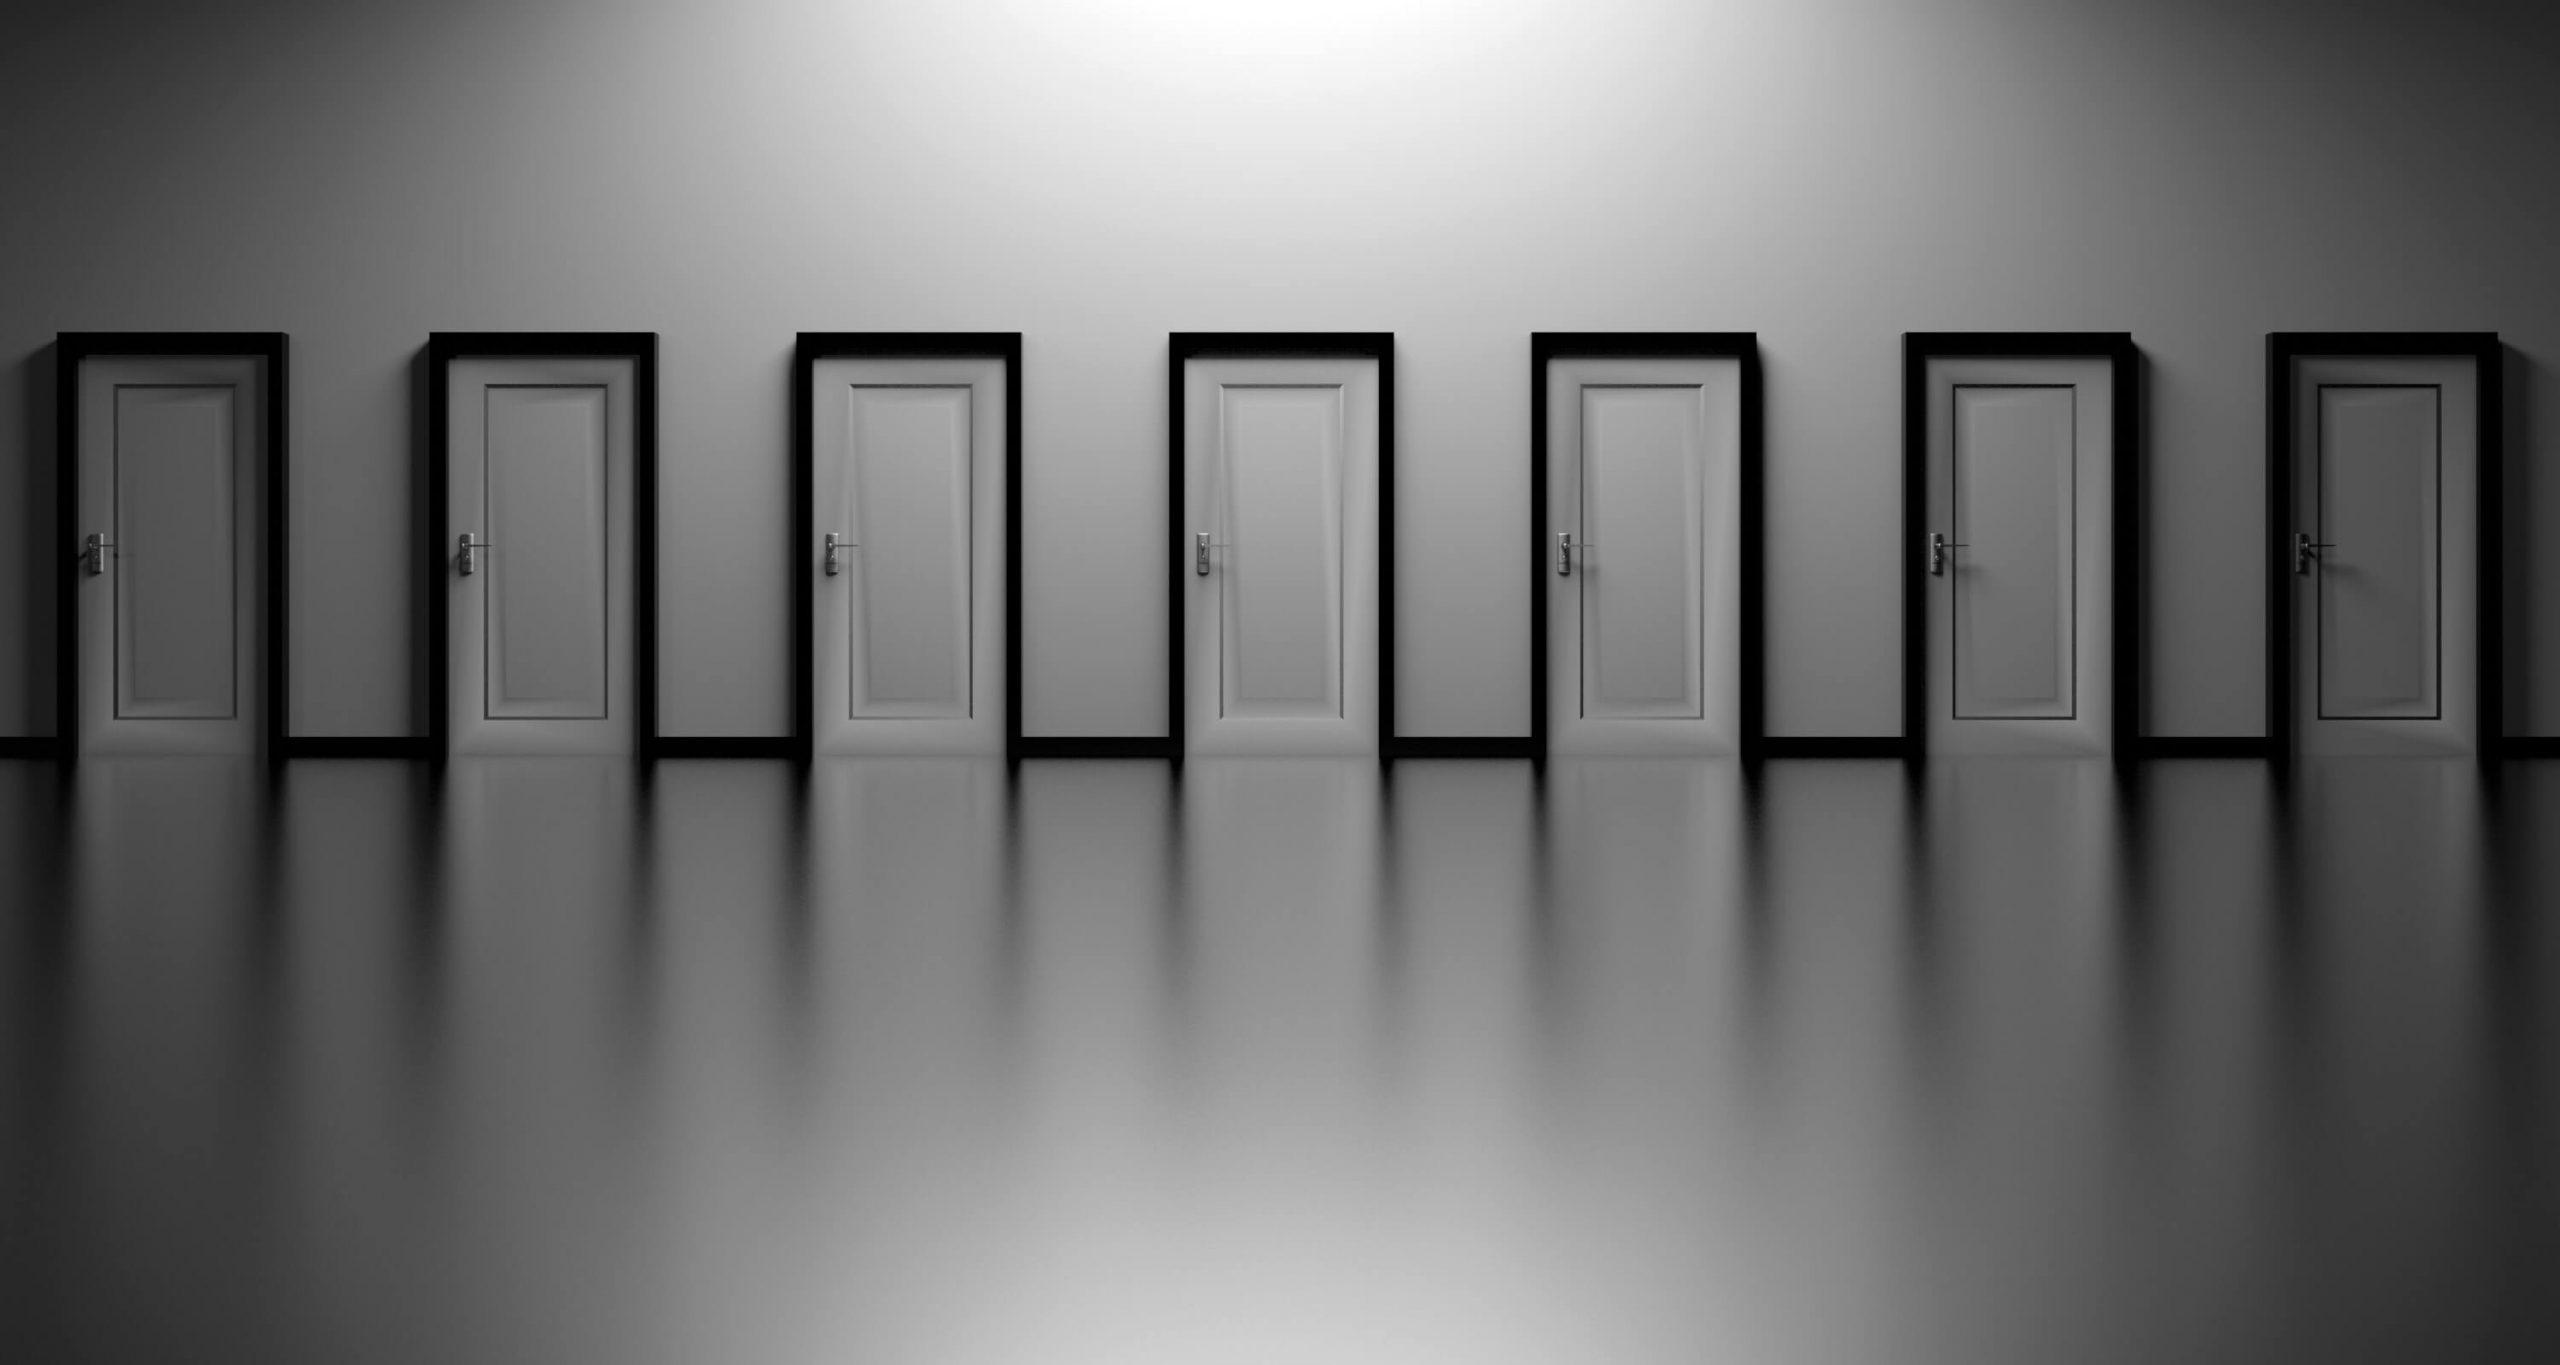 Jak zrobić drzwi przesuwne? To nie takie trudne!